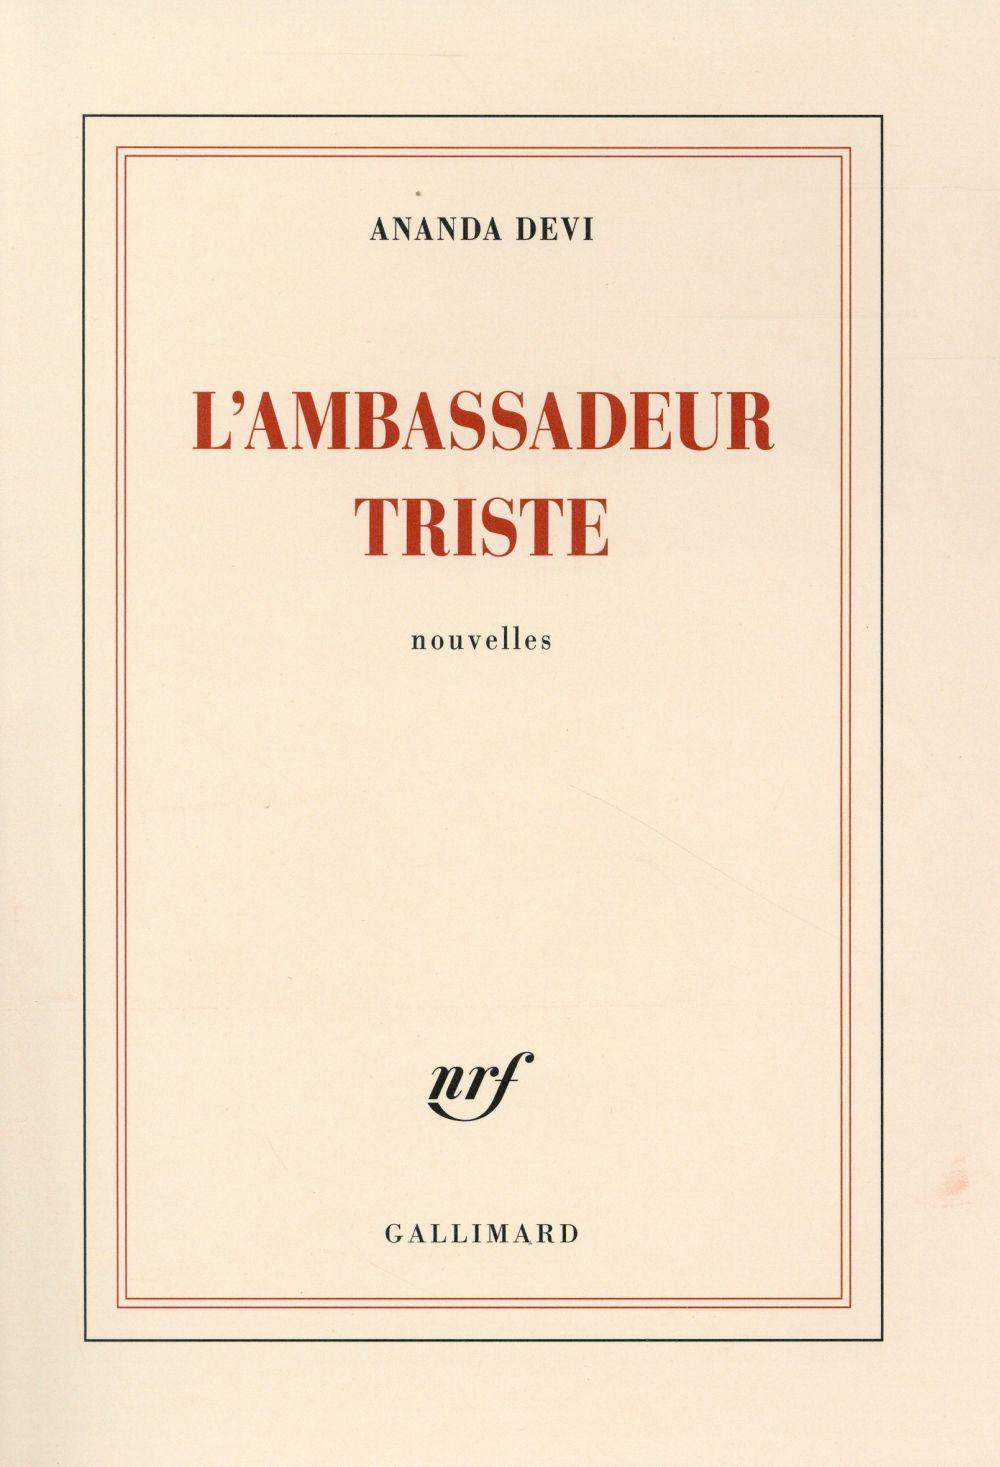 L'ambassadeur triste